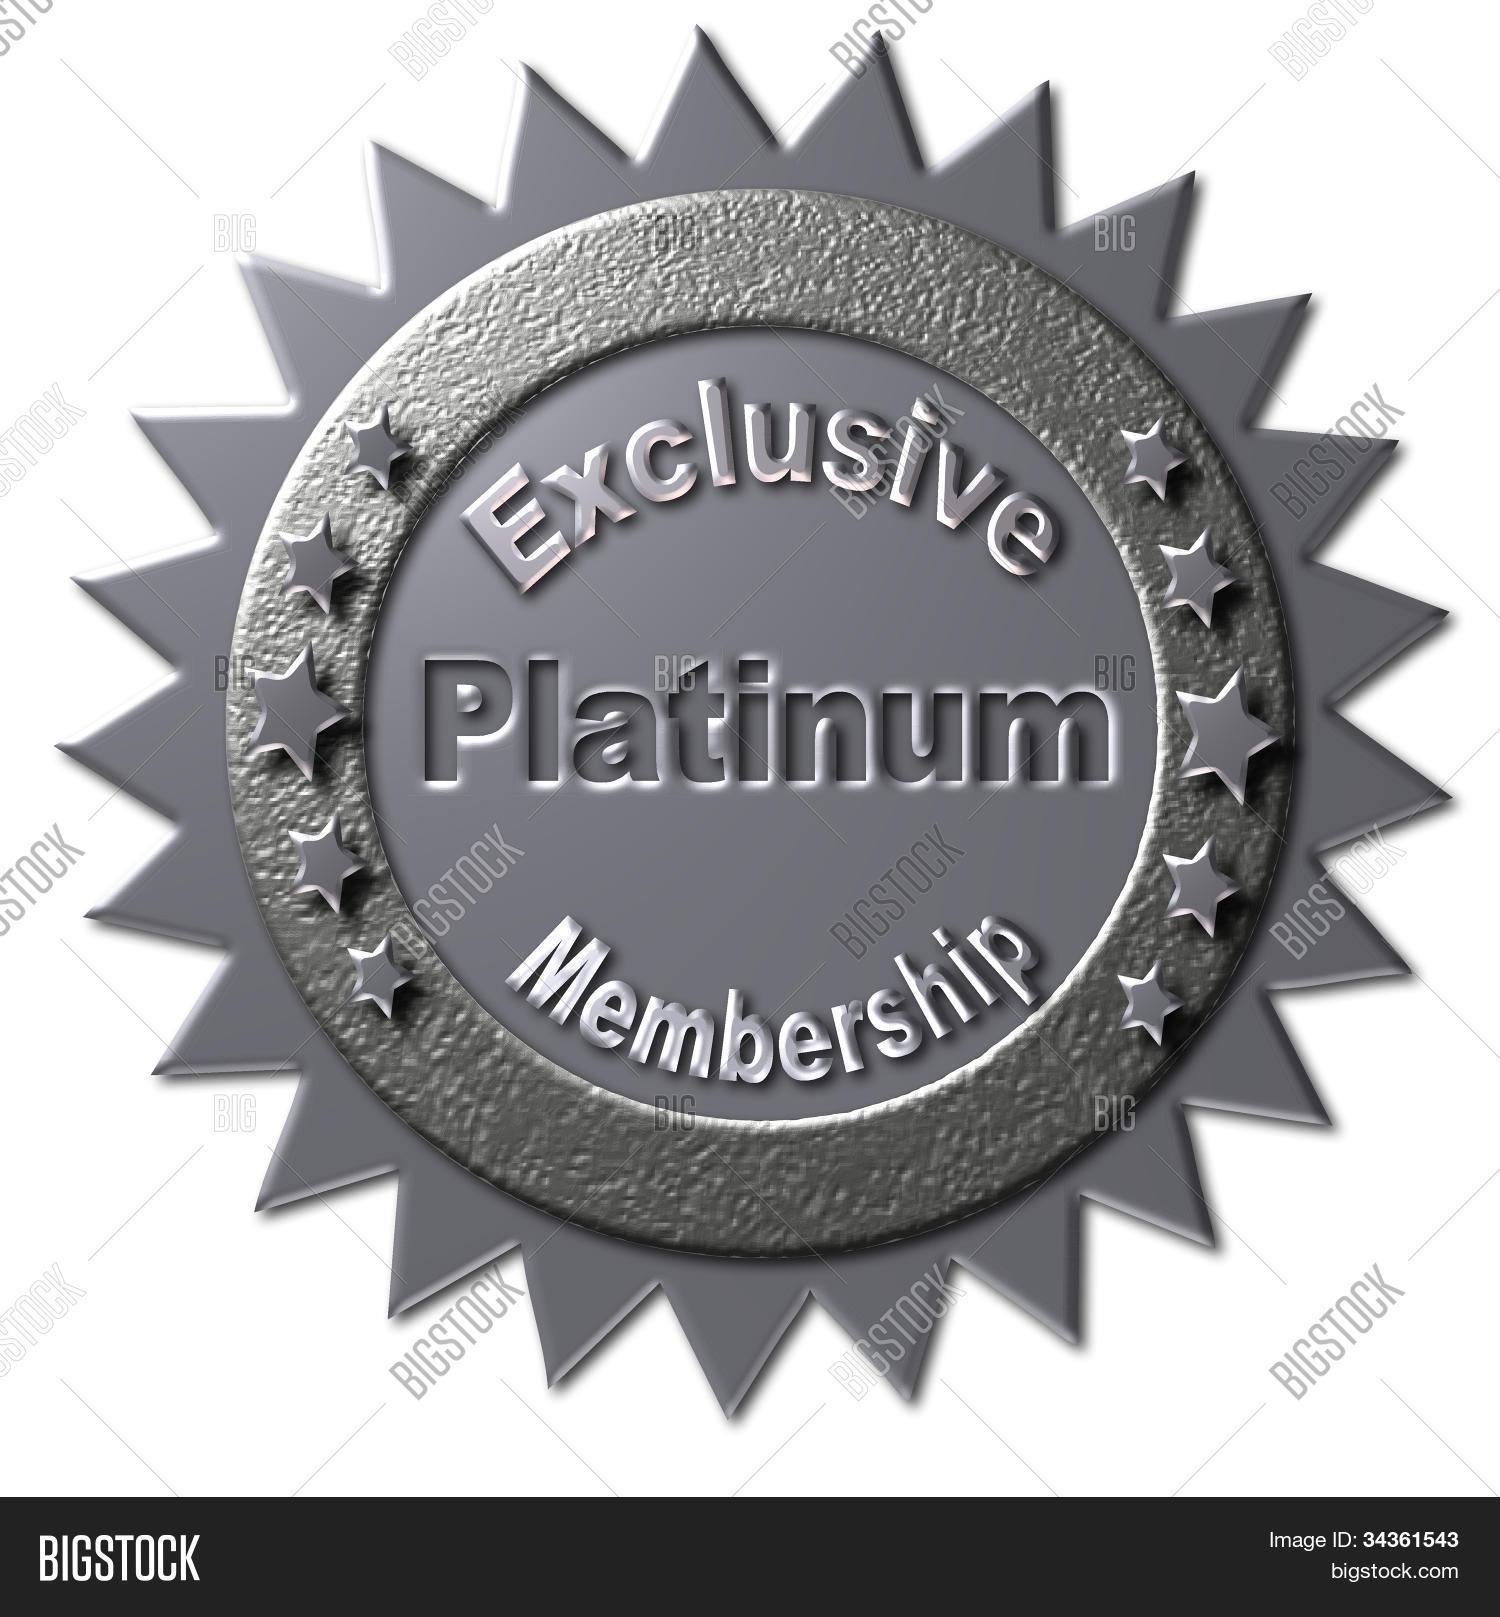 Exclusive Platinum: Exclusive Platinum Membership Image & Photo